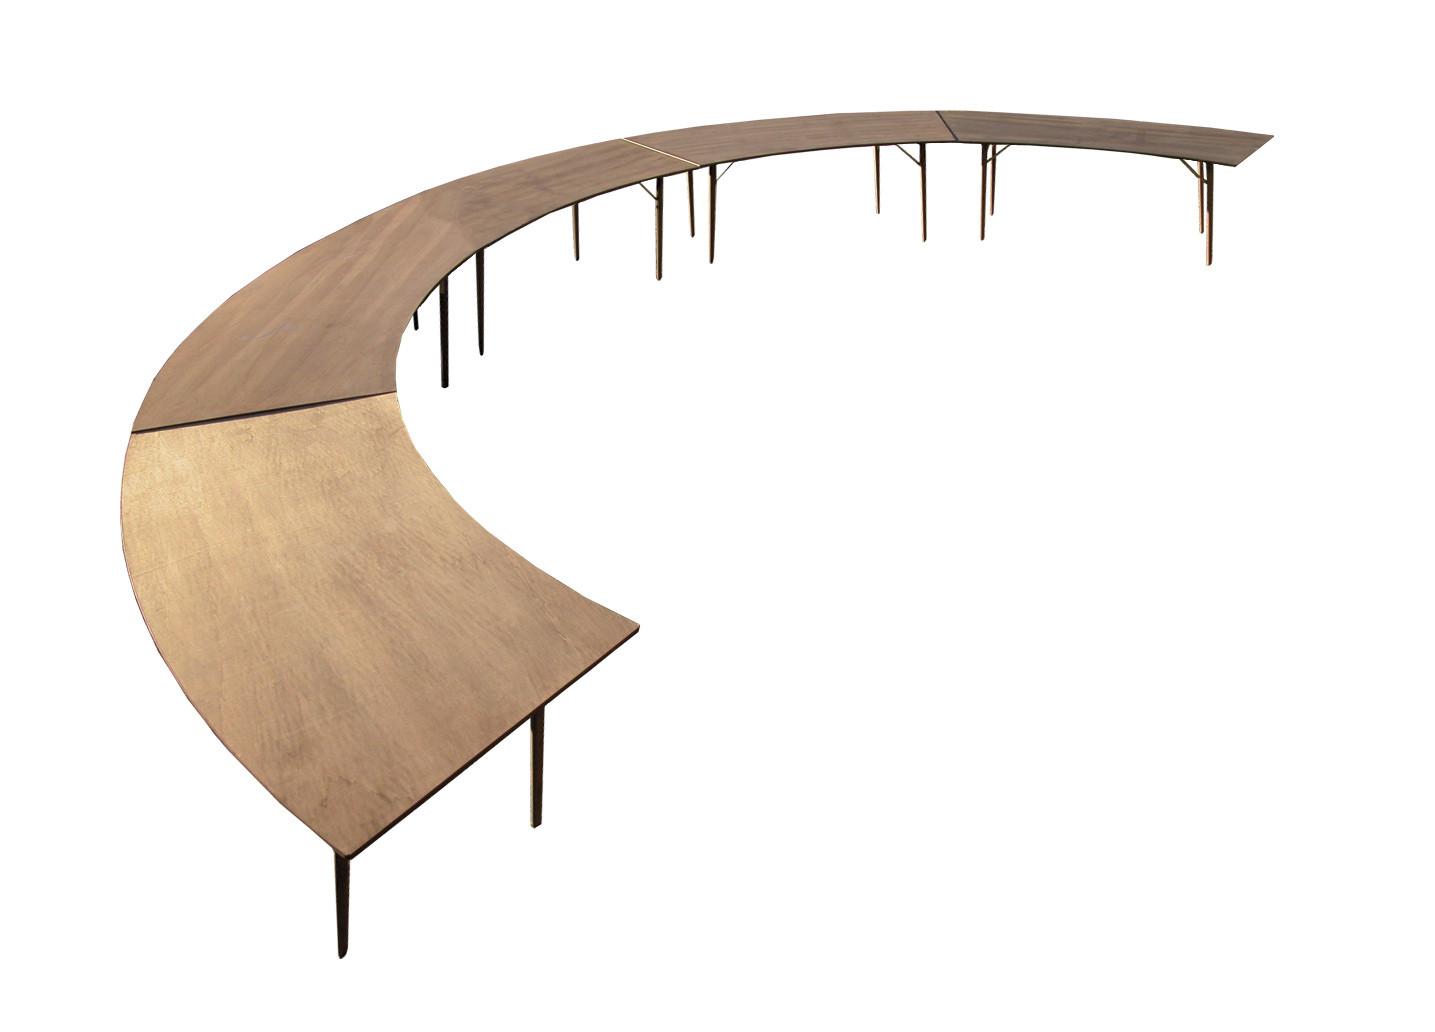 Noleggio tavoli tavoli a ferro di cavallo - Divano a ferro di cavallo ...